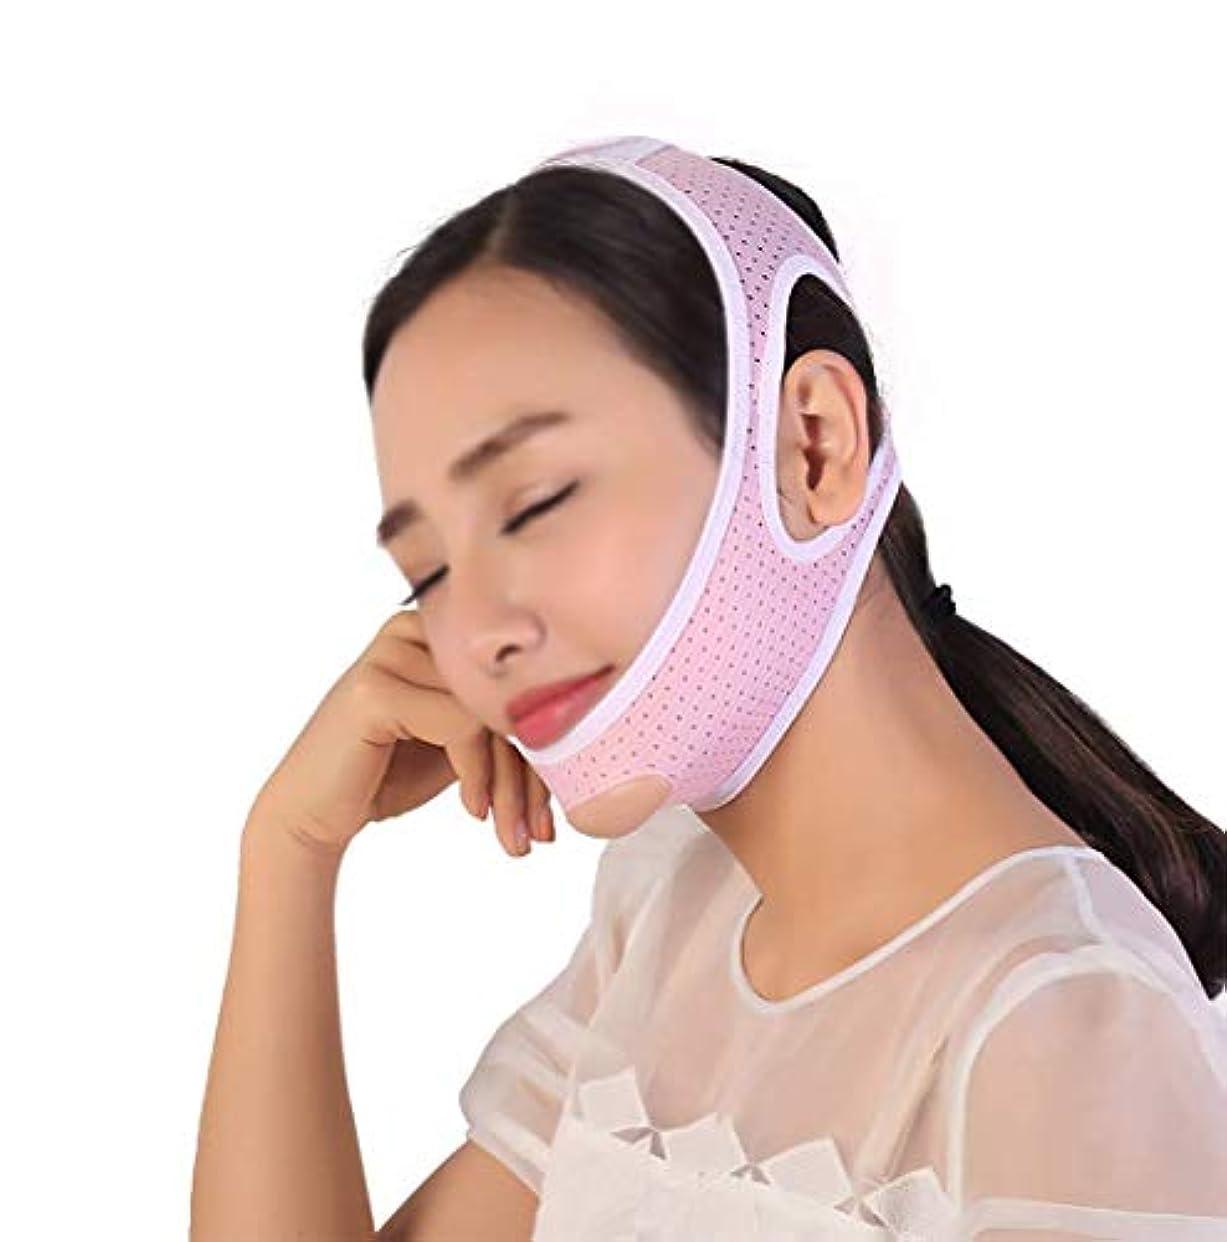 一節ロードされた有効なフェイスリフトフェイシャル、肌のリラクゼーションを防ぐためのタイトなVフェイスマスクVフェイスアーティファクトフェイスリフトバンデージフェイスケア(サイズ:M)